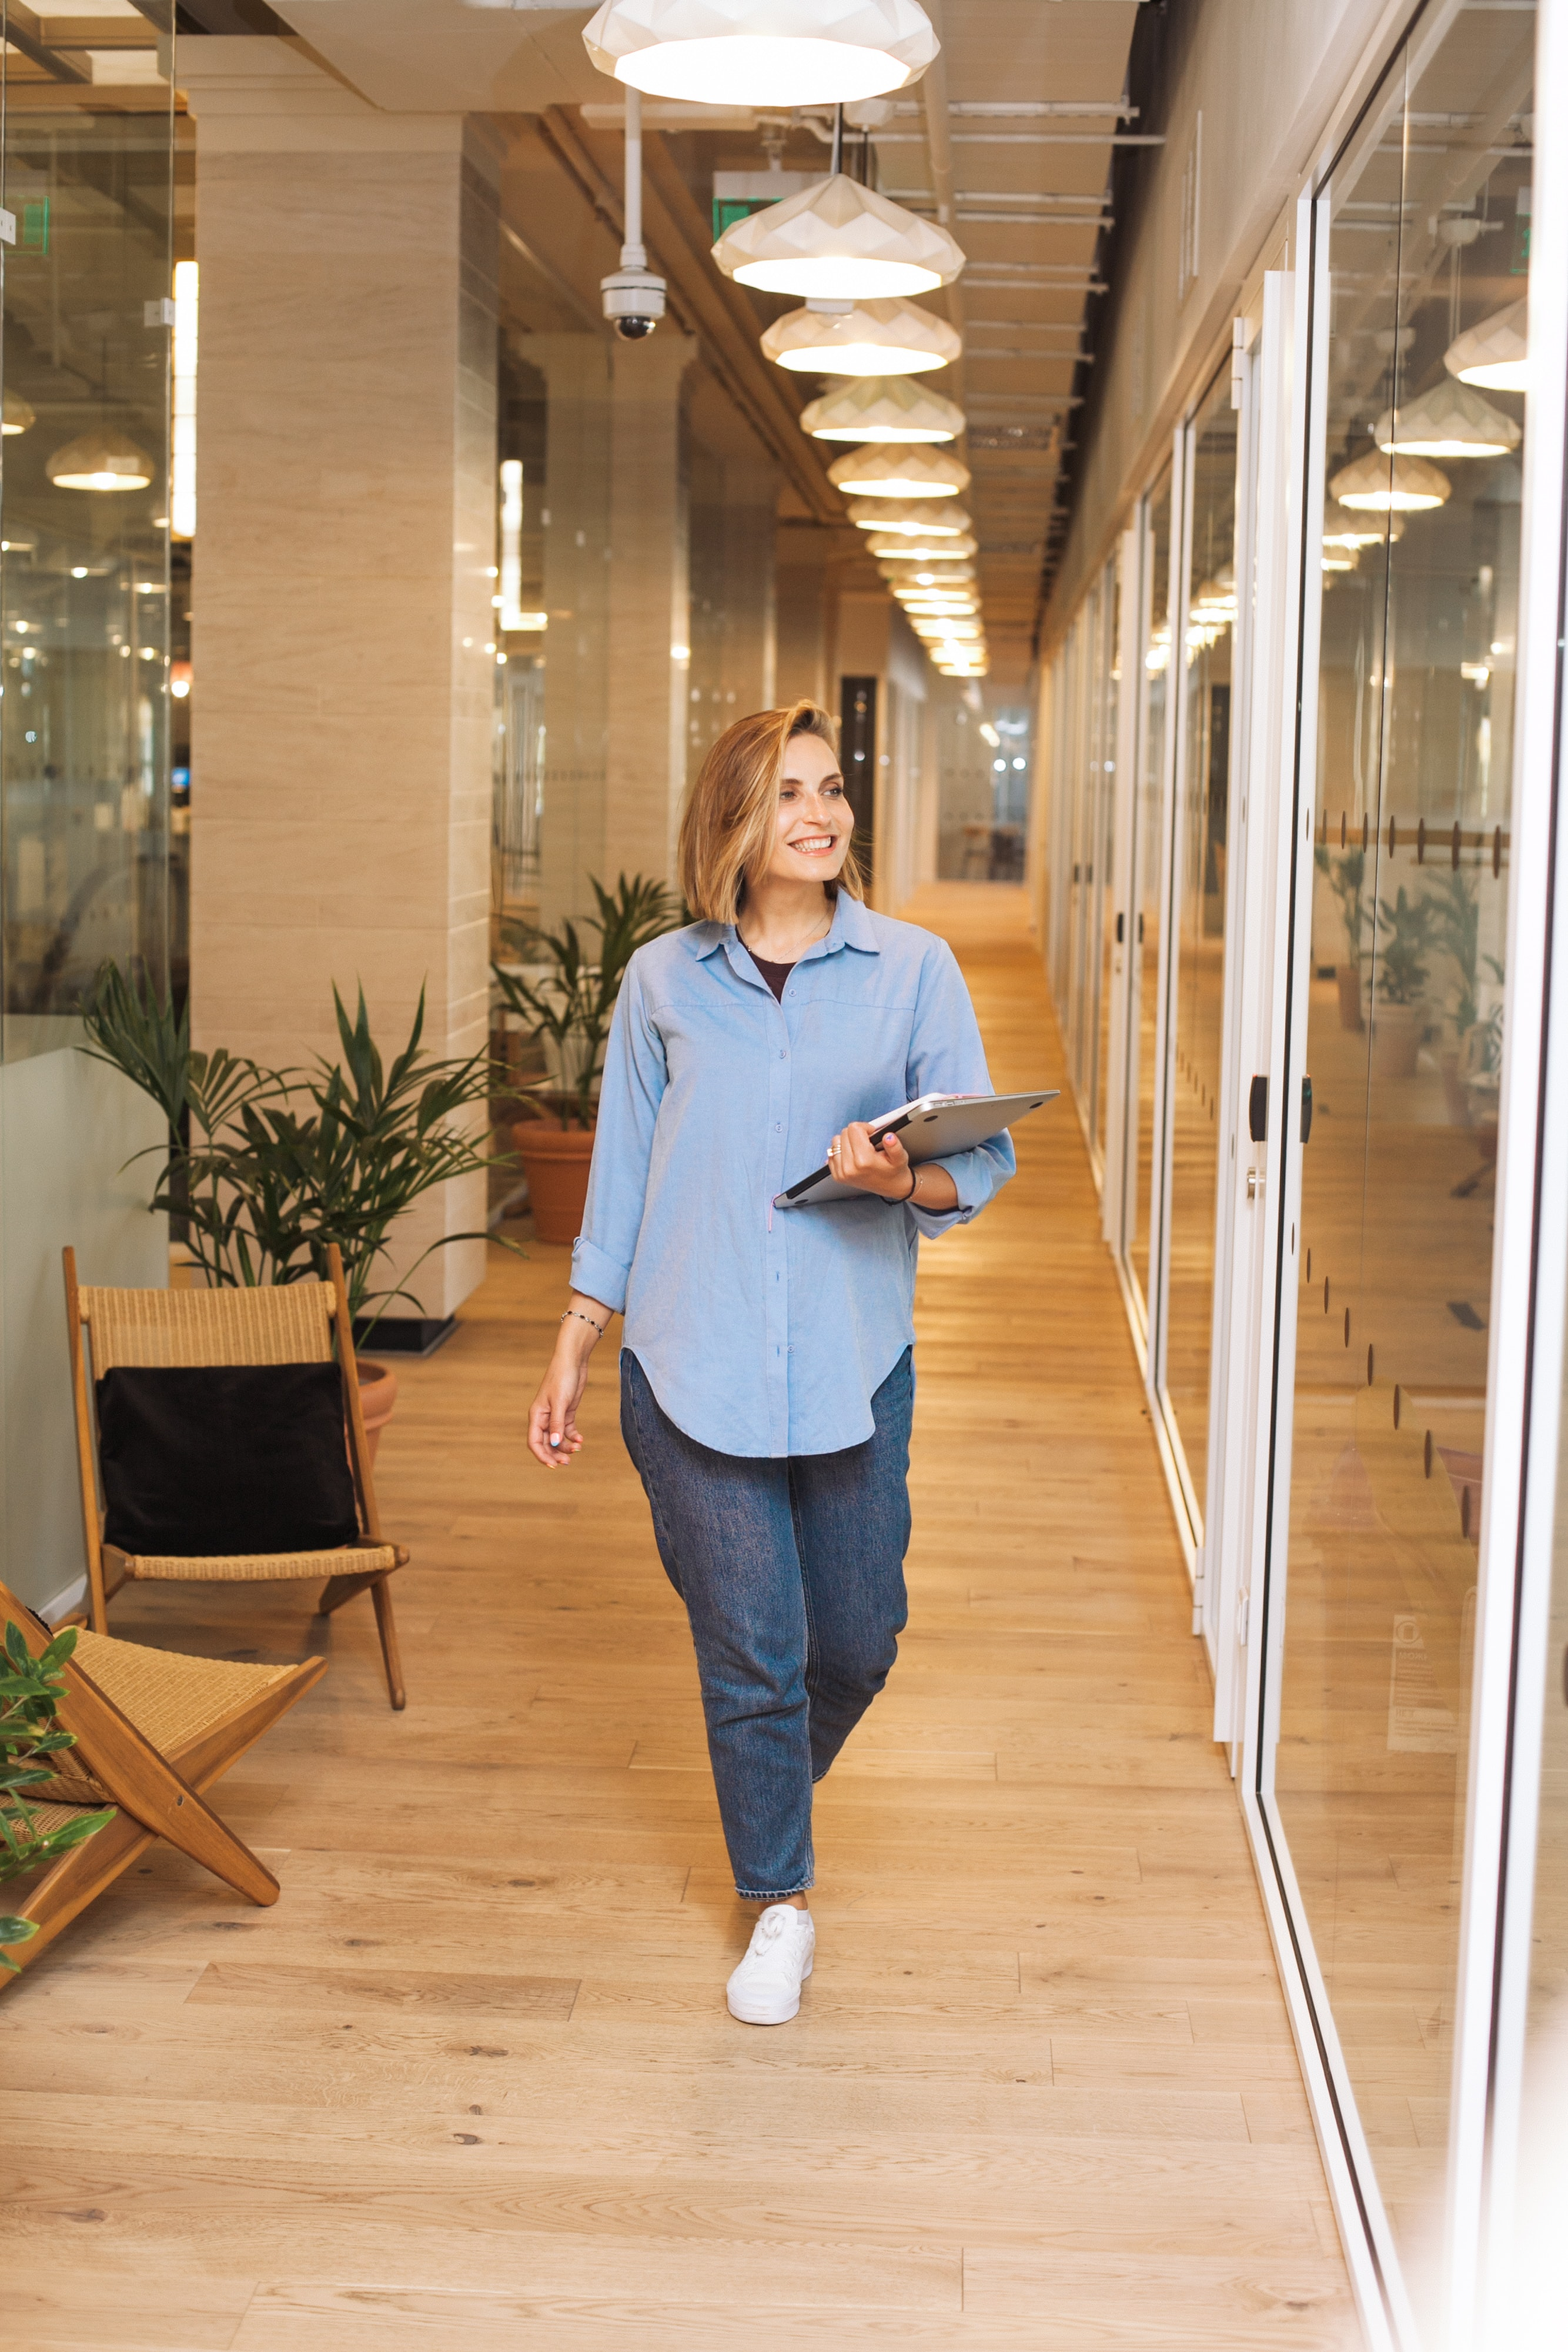 A woman walks through an office